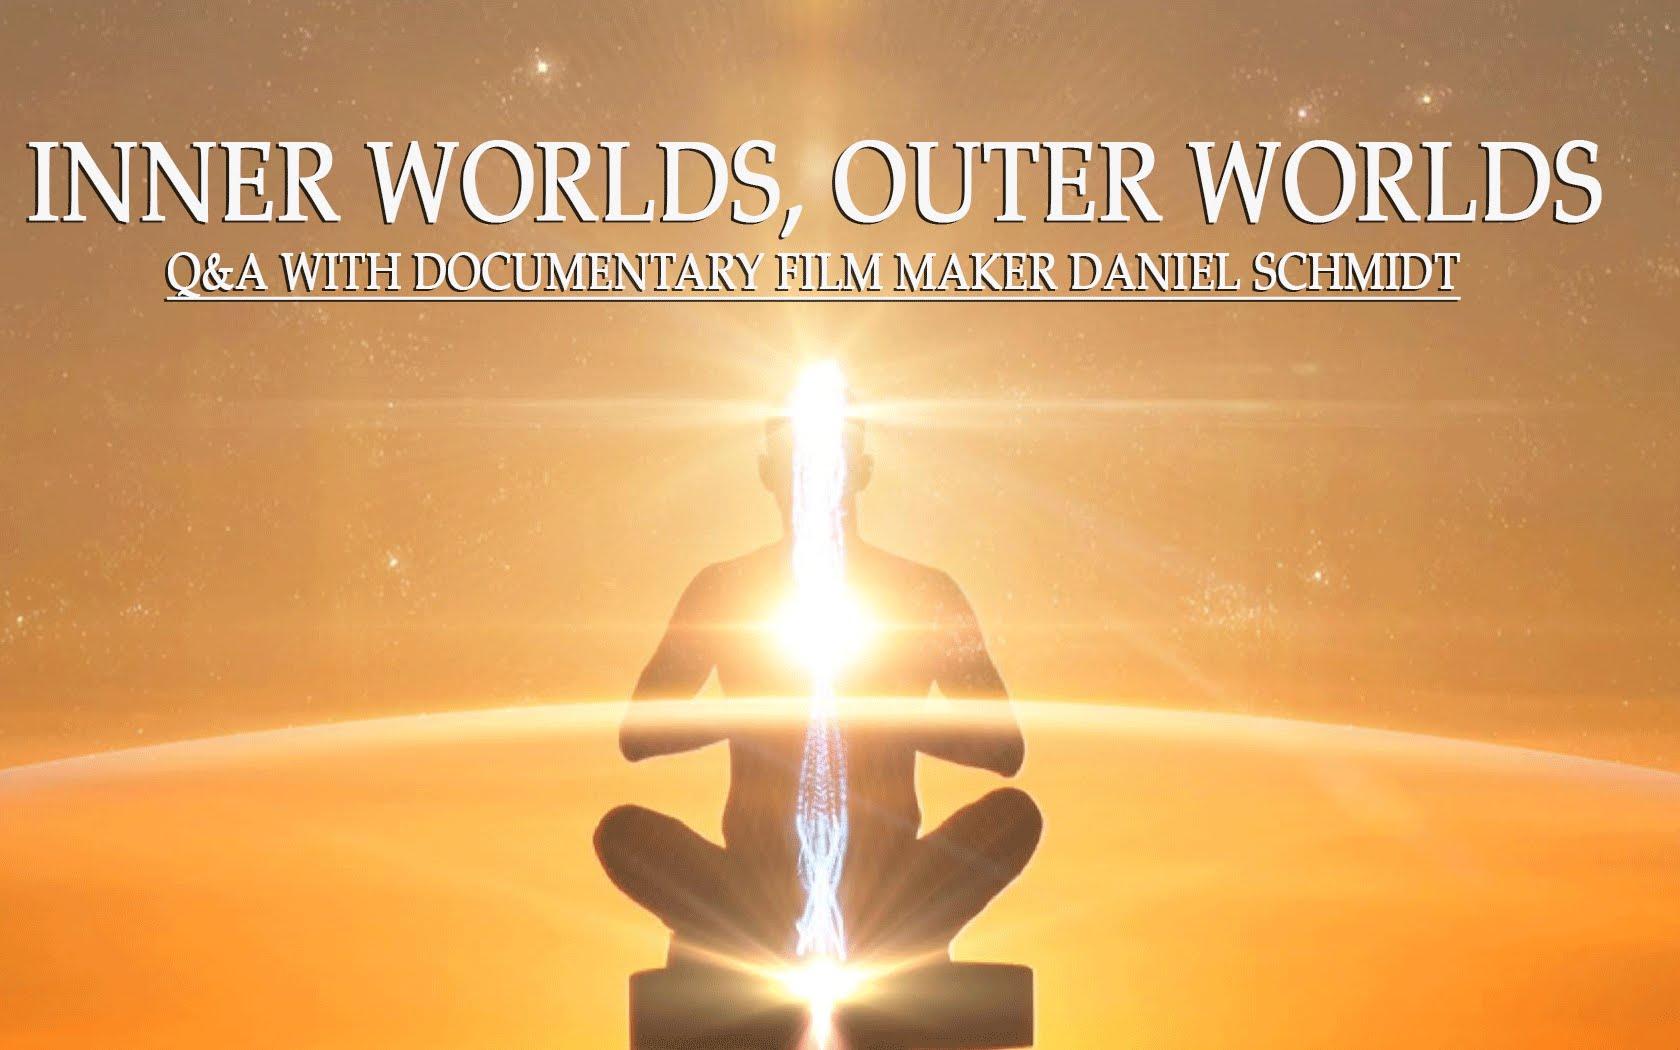 סרטים דוקומטרים פותחי תודעה - INNER WORLDS, OUTER WORLDS